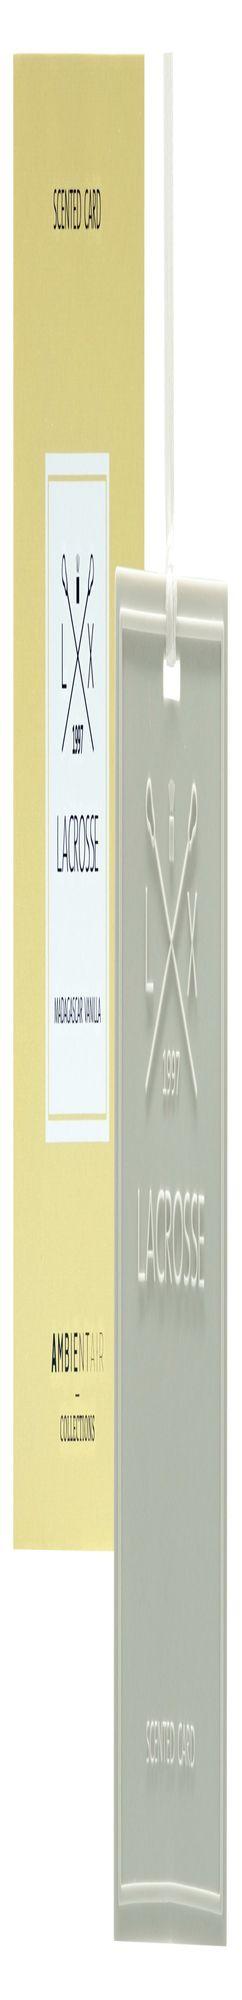 Карточка ароматическая Madagascar Vanilla фото